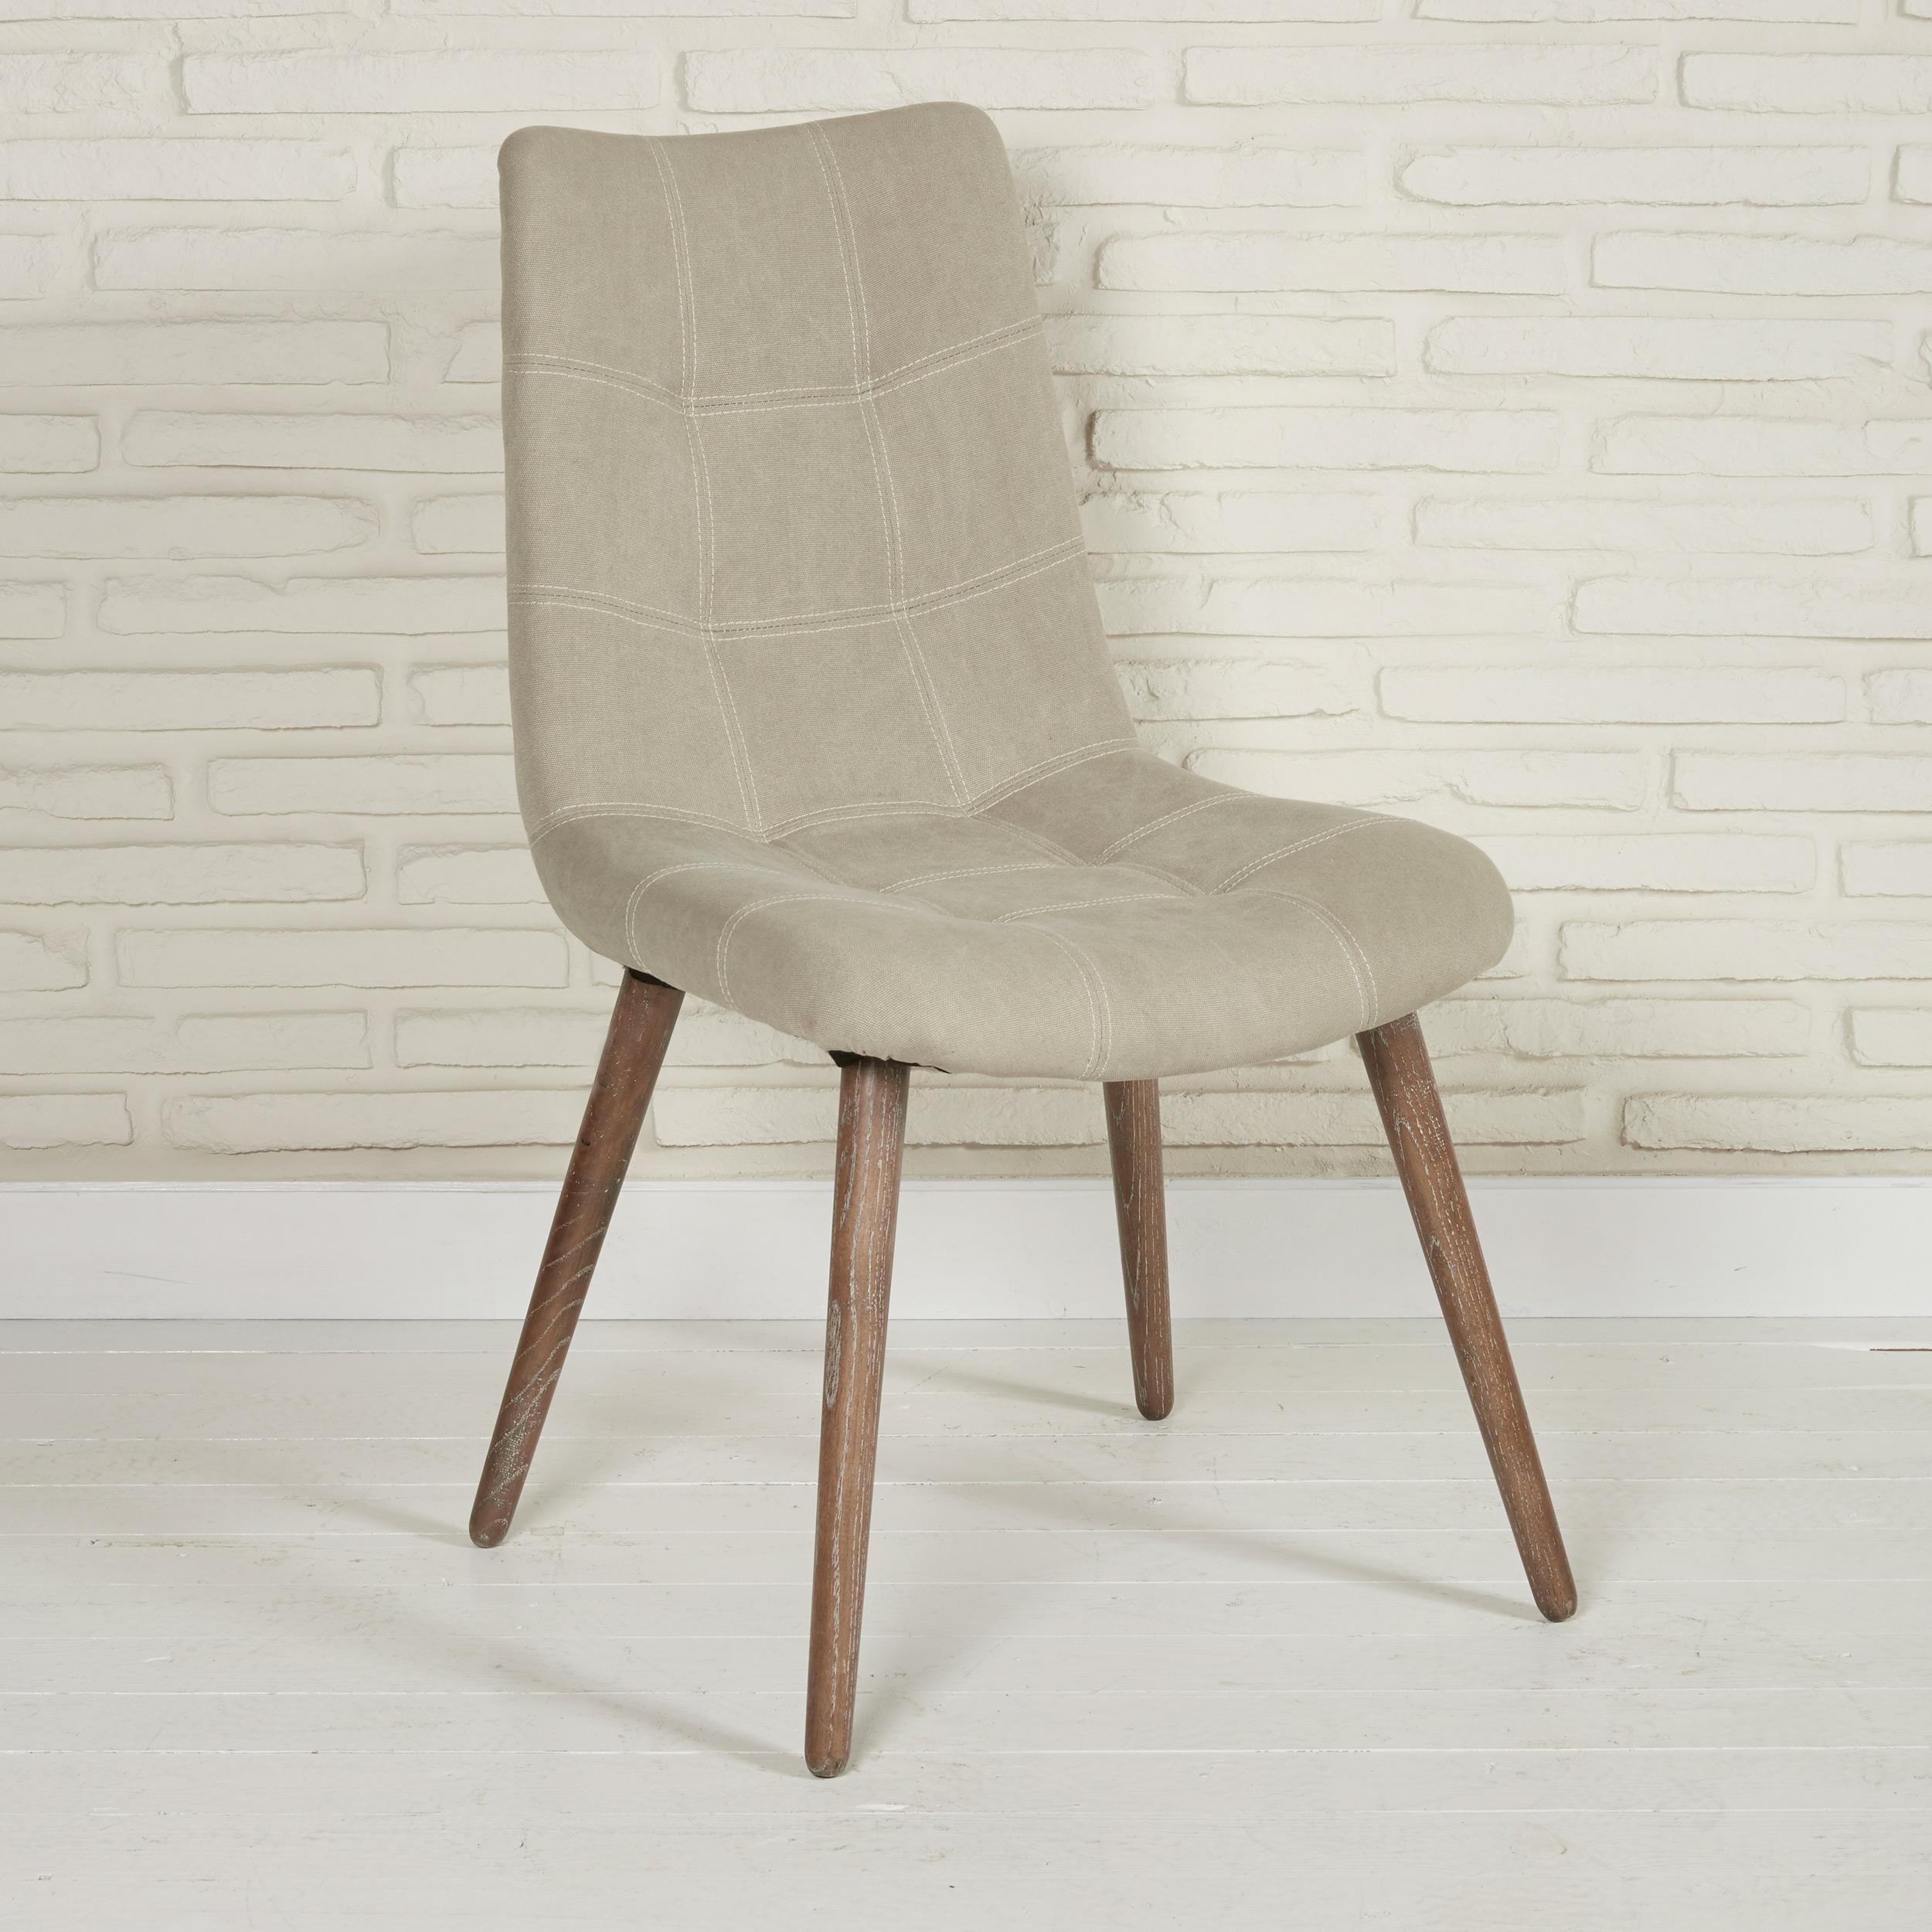 4er set esszimmerstuhl designerstuhl stoff stuhl wei. Black Bedroom Furniture Sets. Home Design Ideas